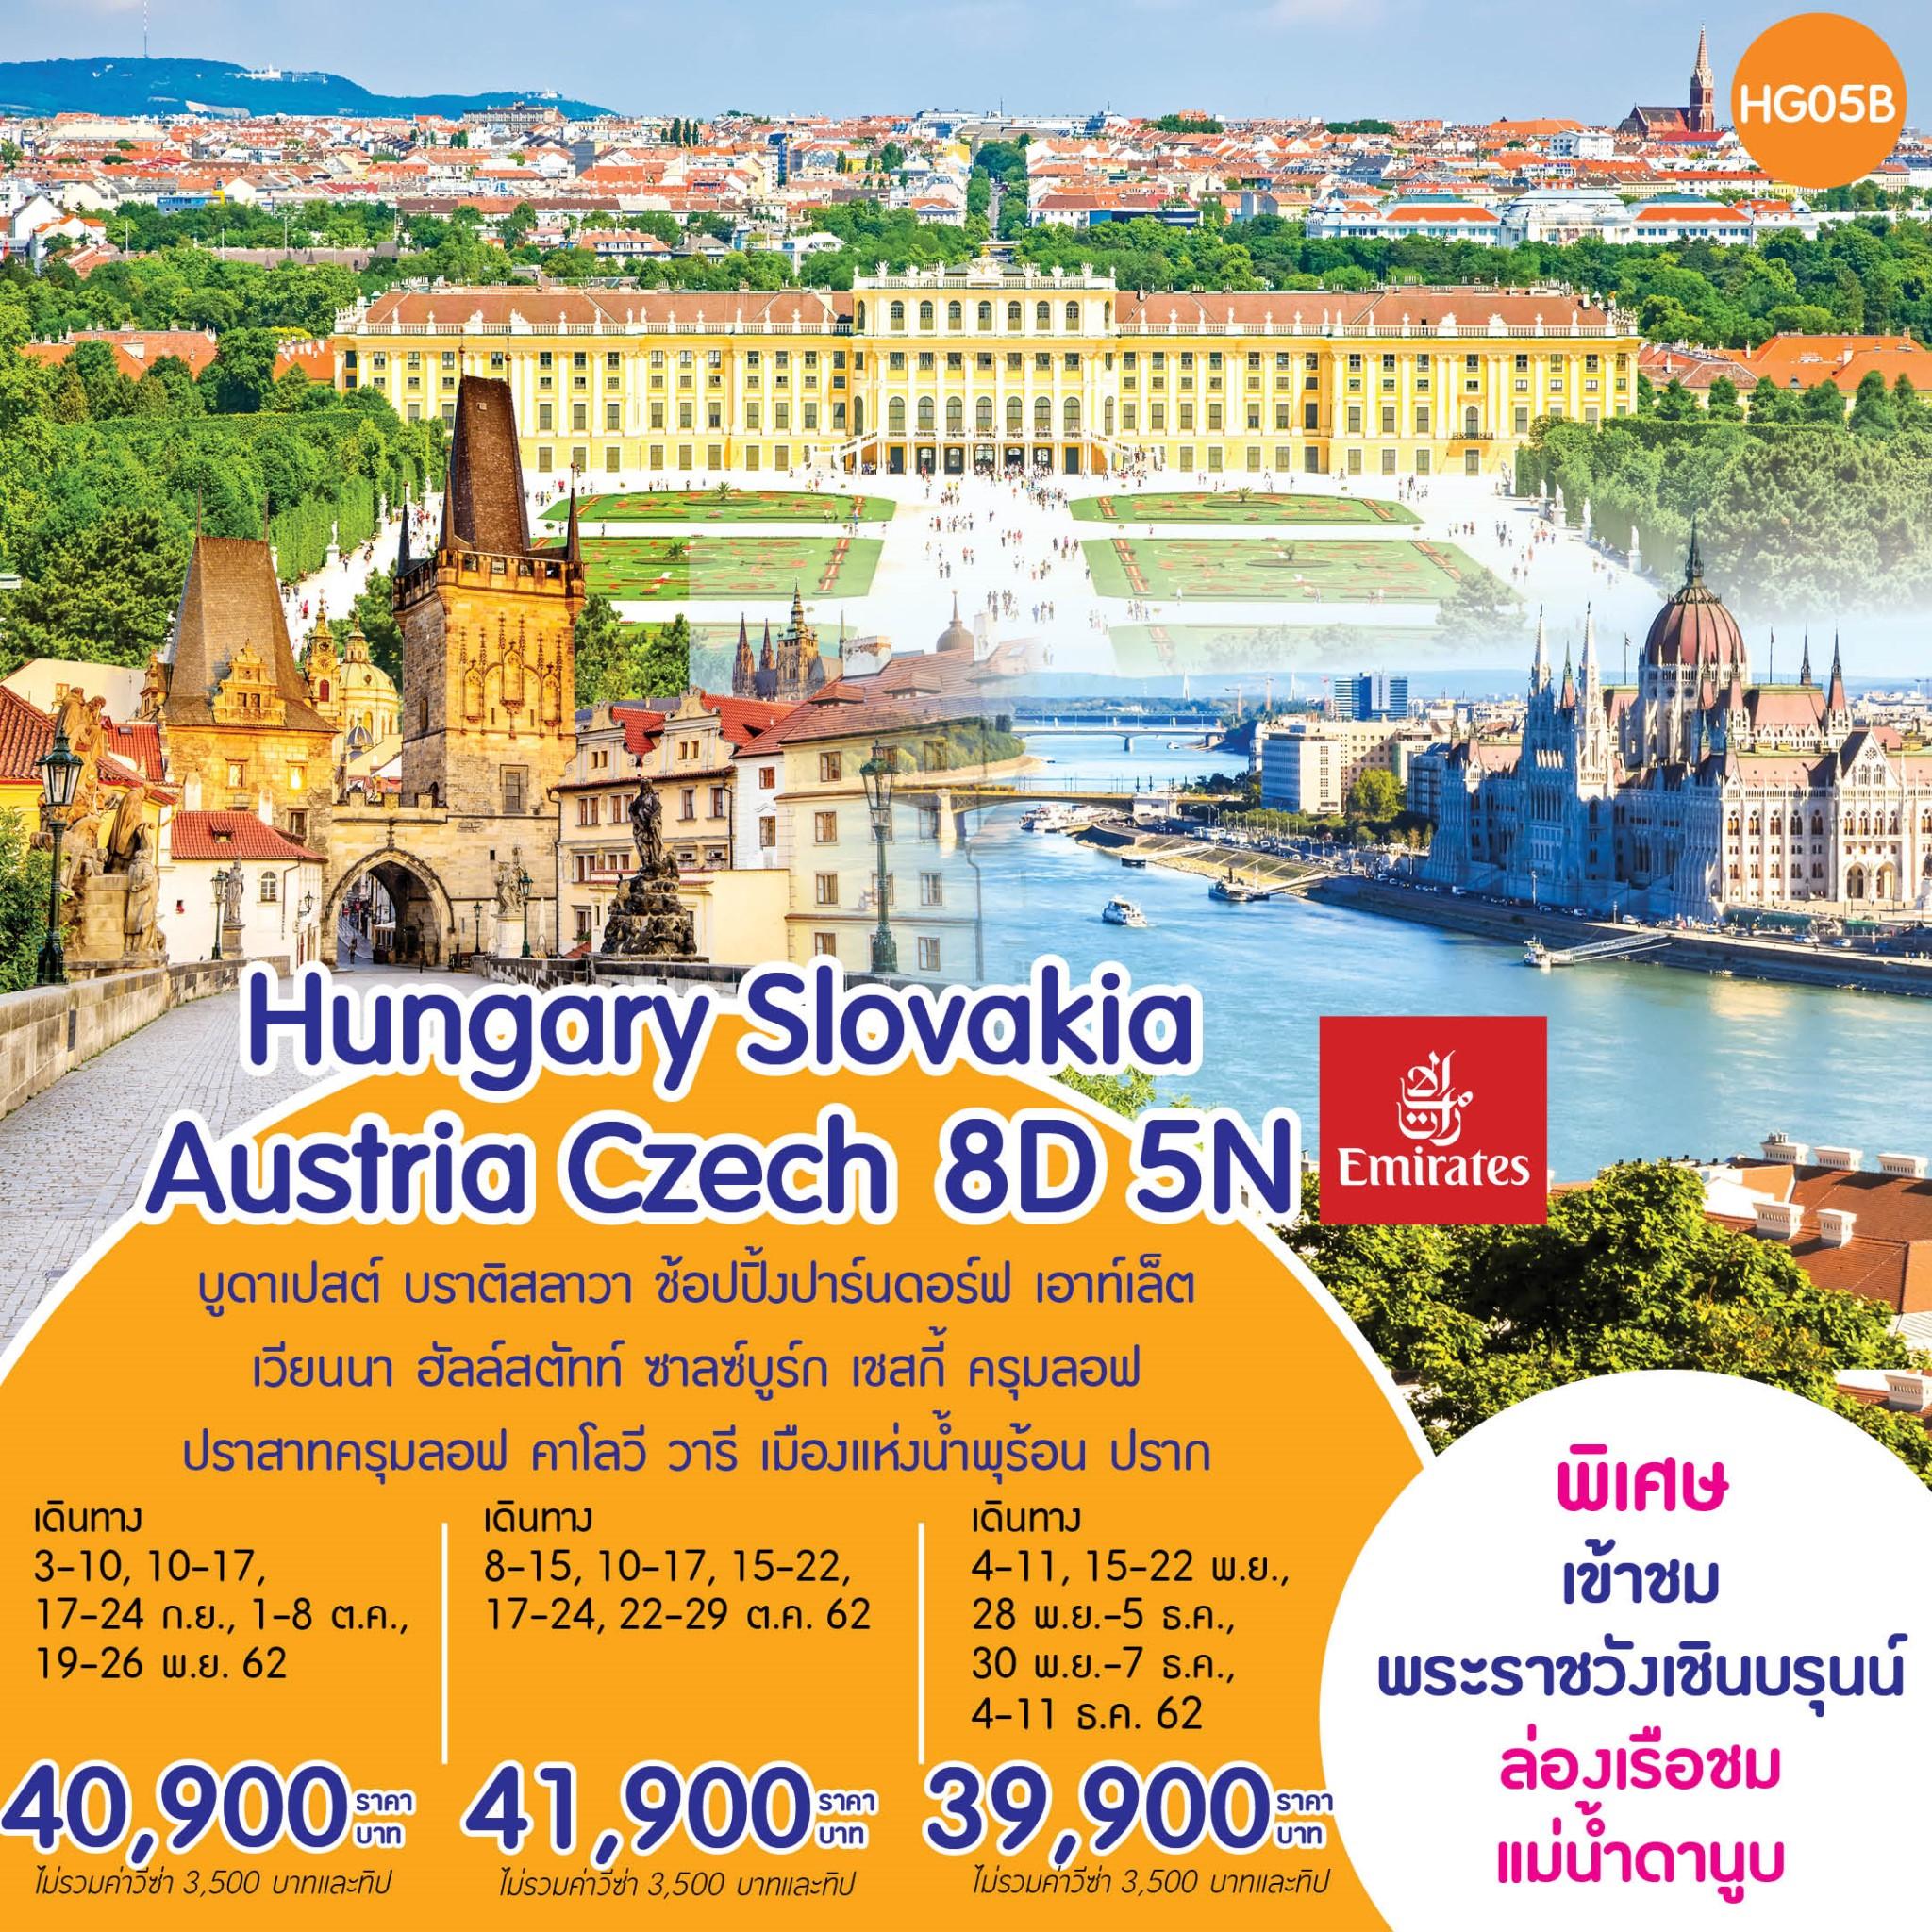 ทัวร์ฮังการี Hungary Slovakia Austria Crech 8D5N